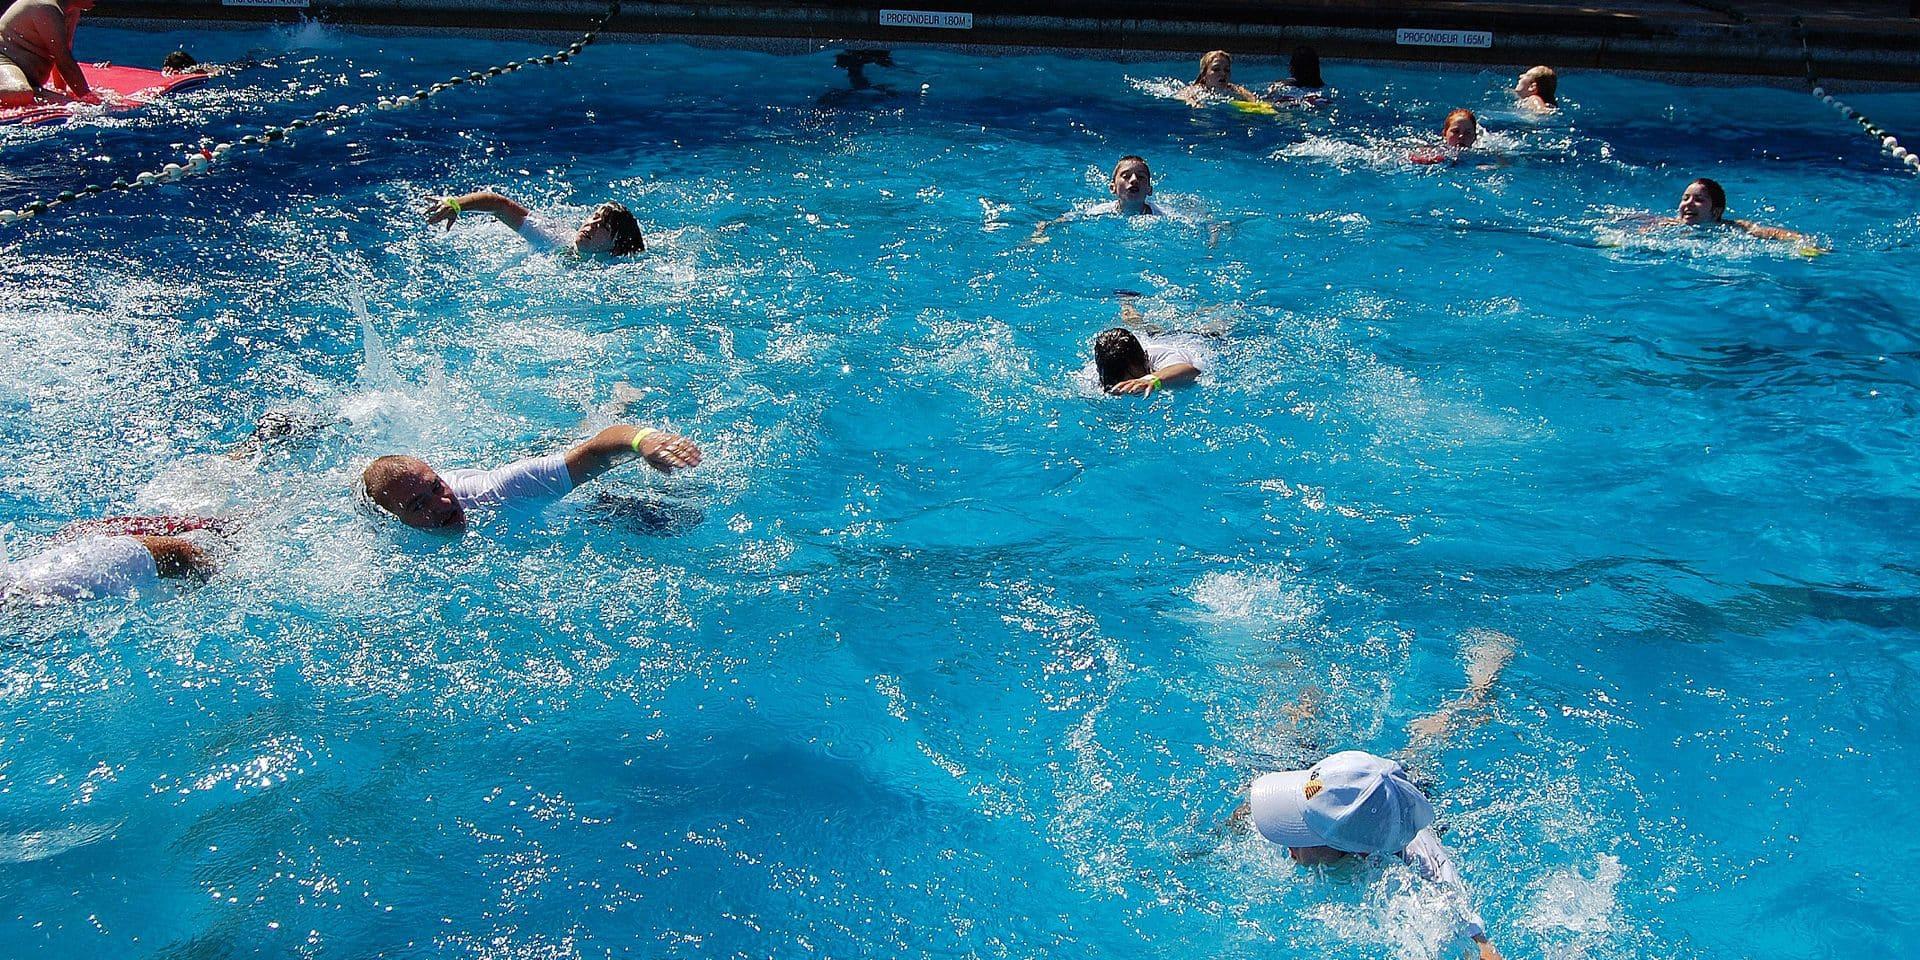 La piscine est à l'arrêt